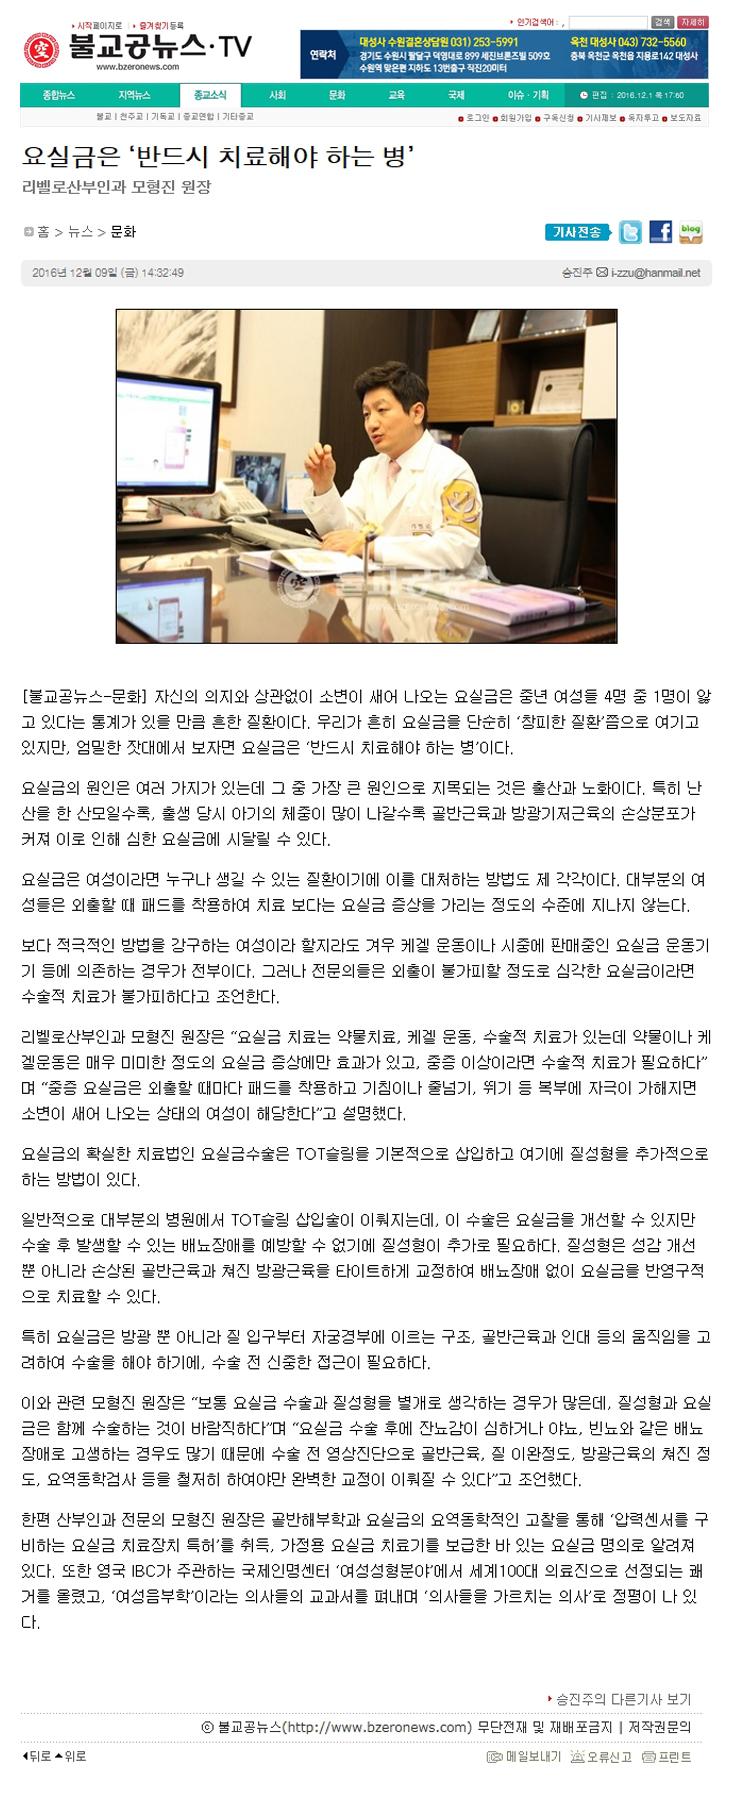 불교공뉴스-20161214.jpg